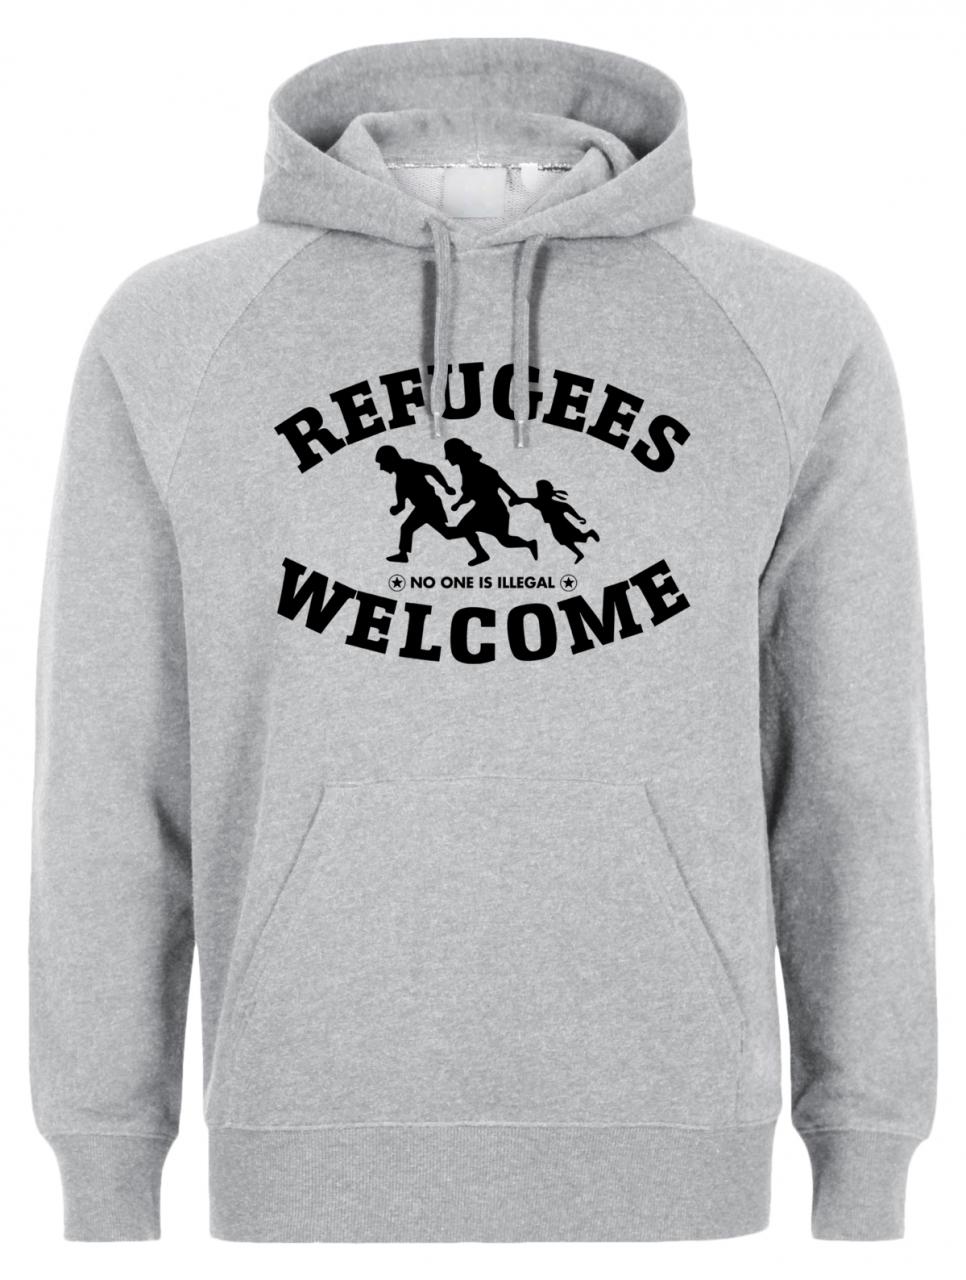 Refugees welcome Hoody Grau mit schwarzer Aufschrift - No one is illegal